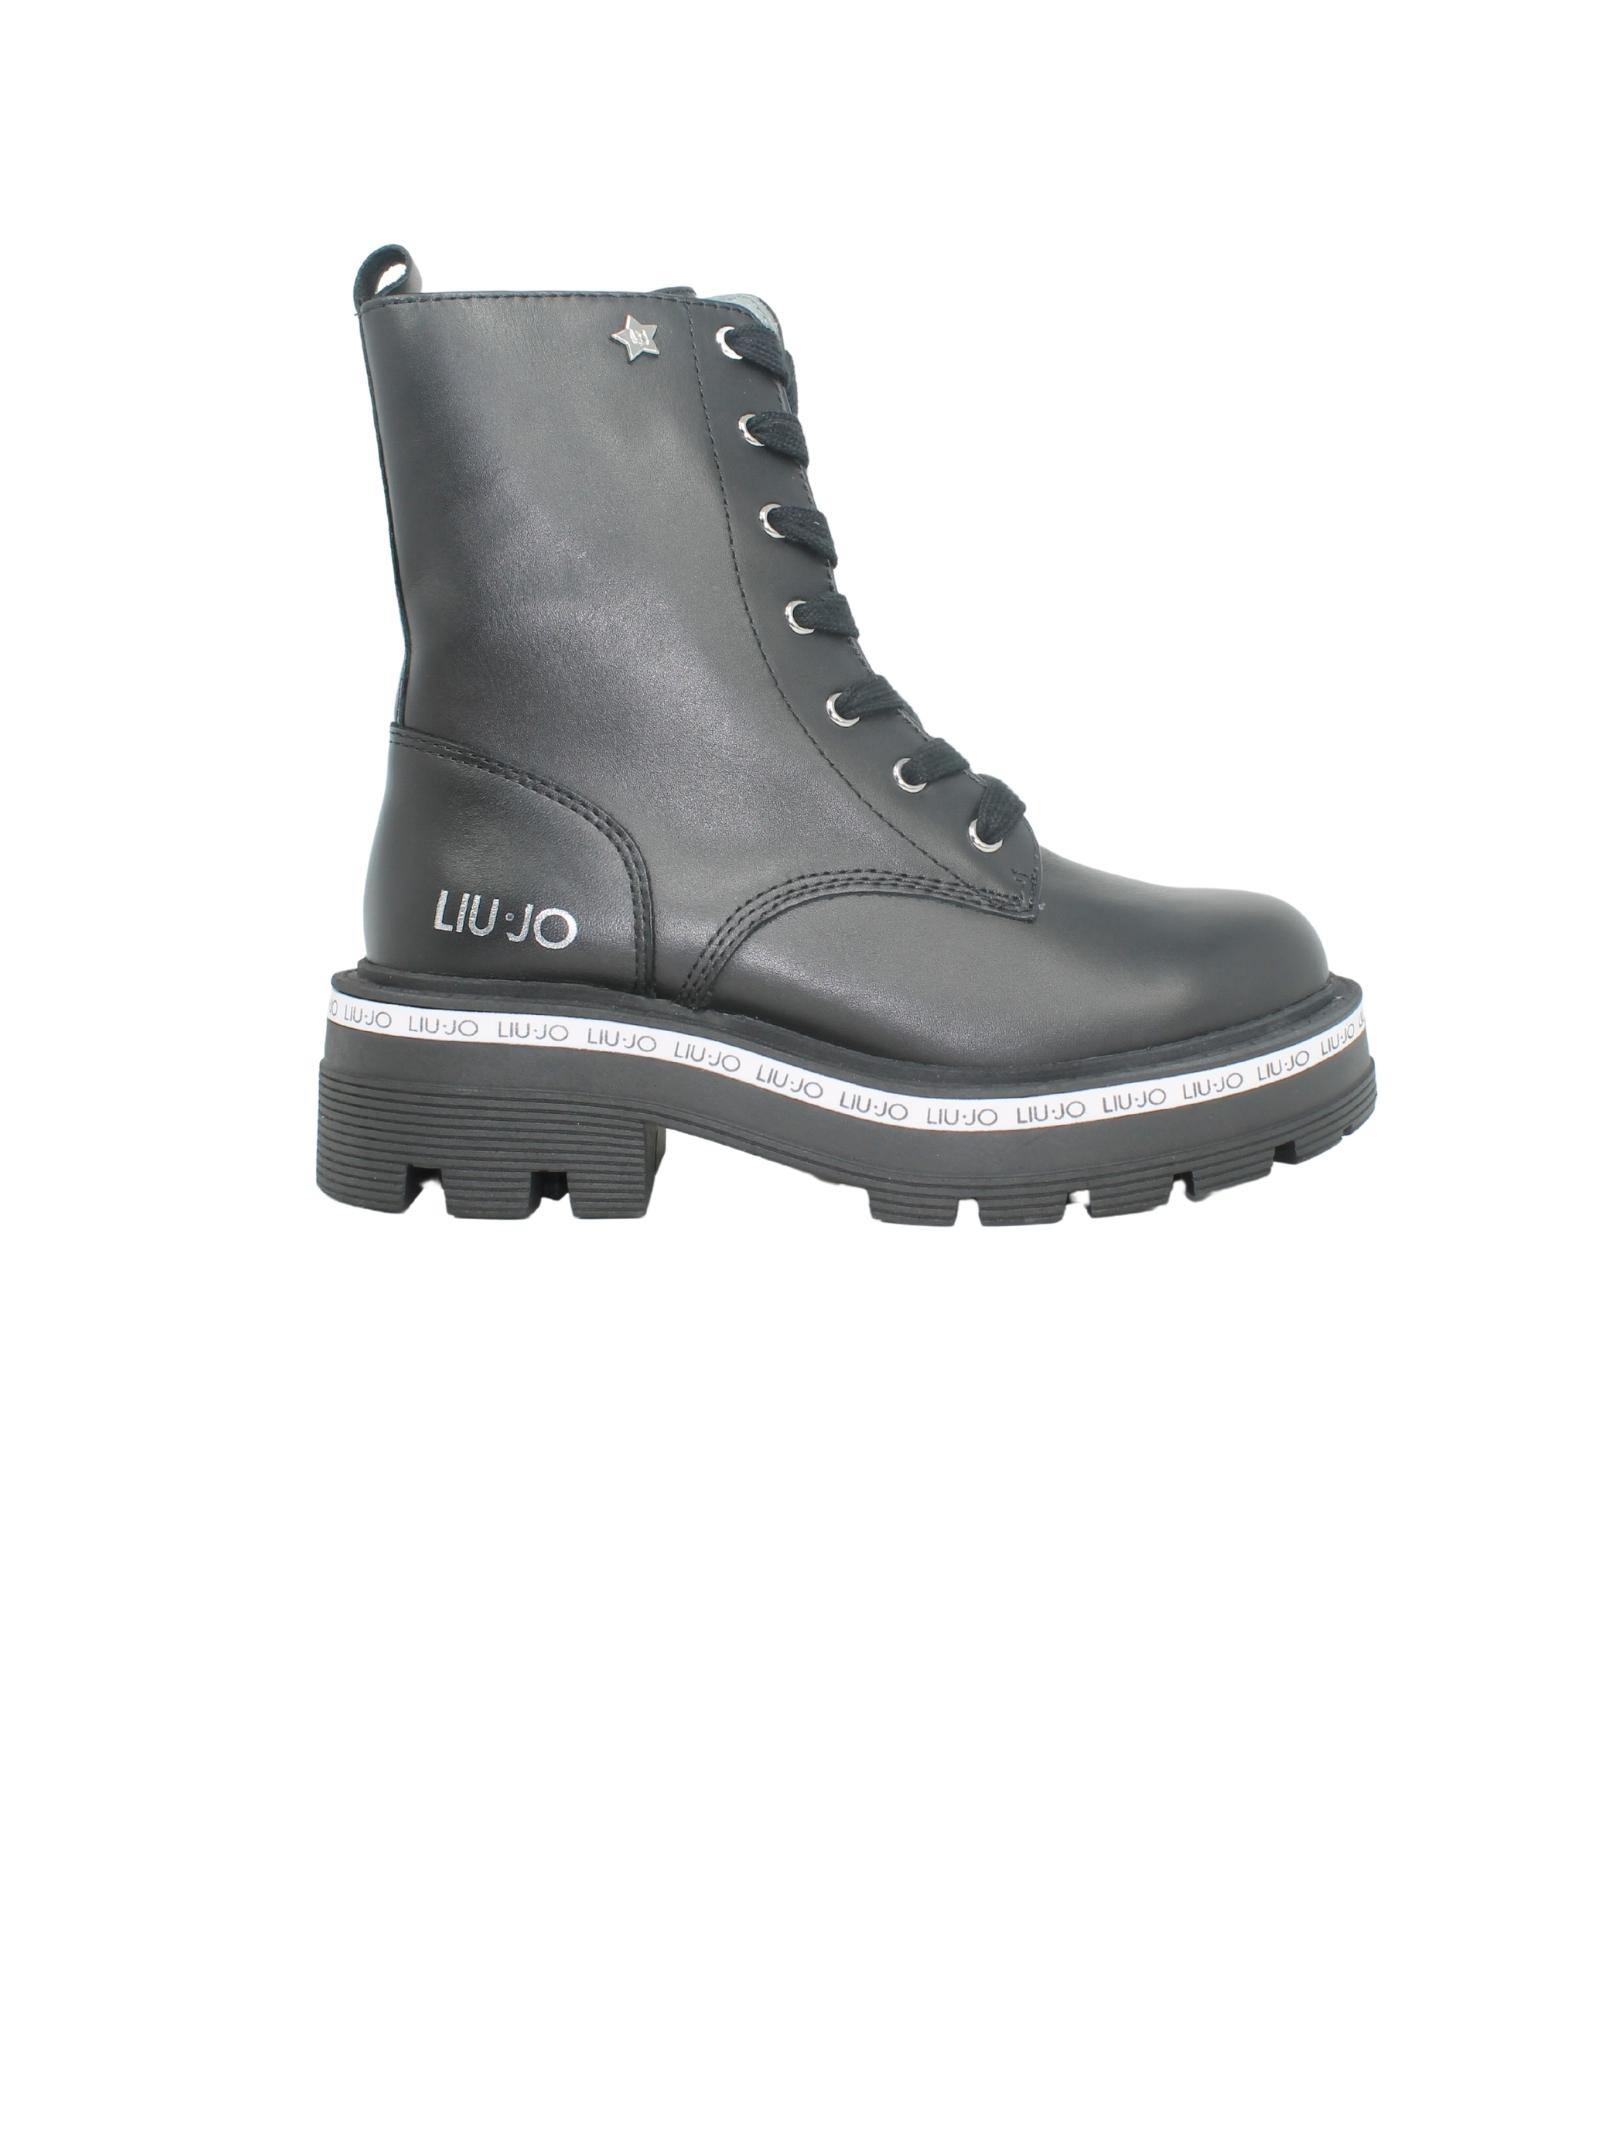 Stars Girl amphibians, LIU-JO JUNIOR | Boots | 4F1851P01022222